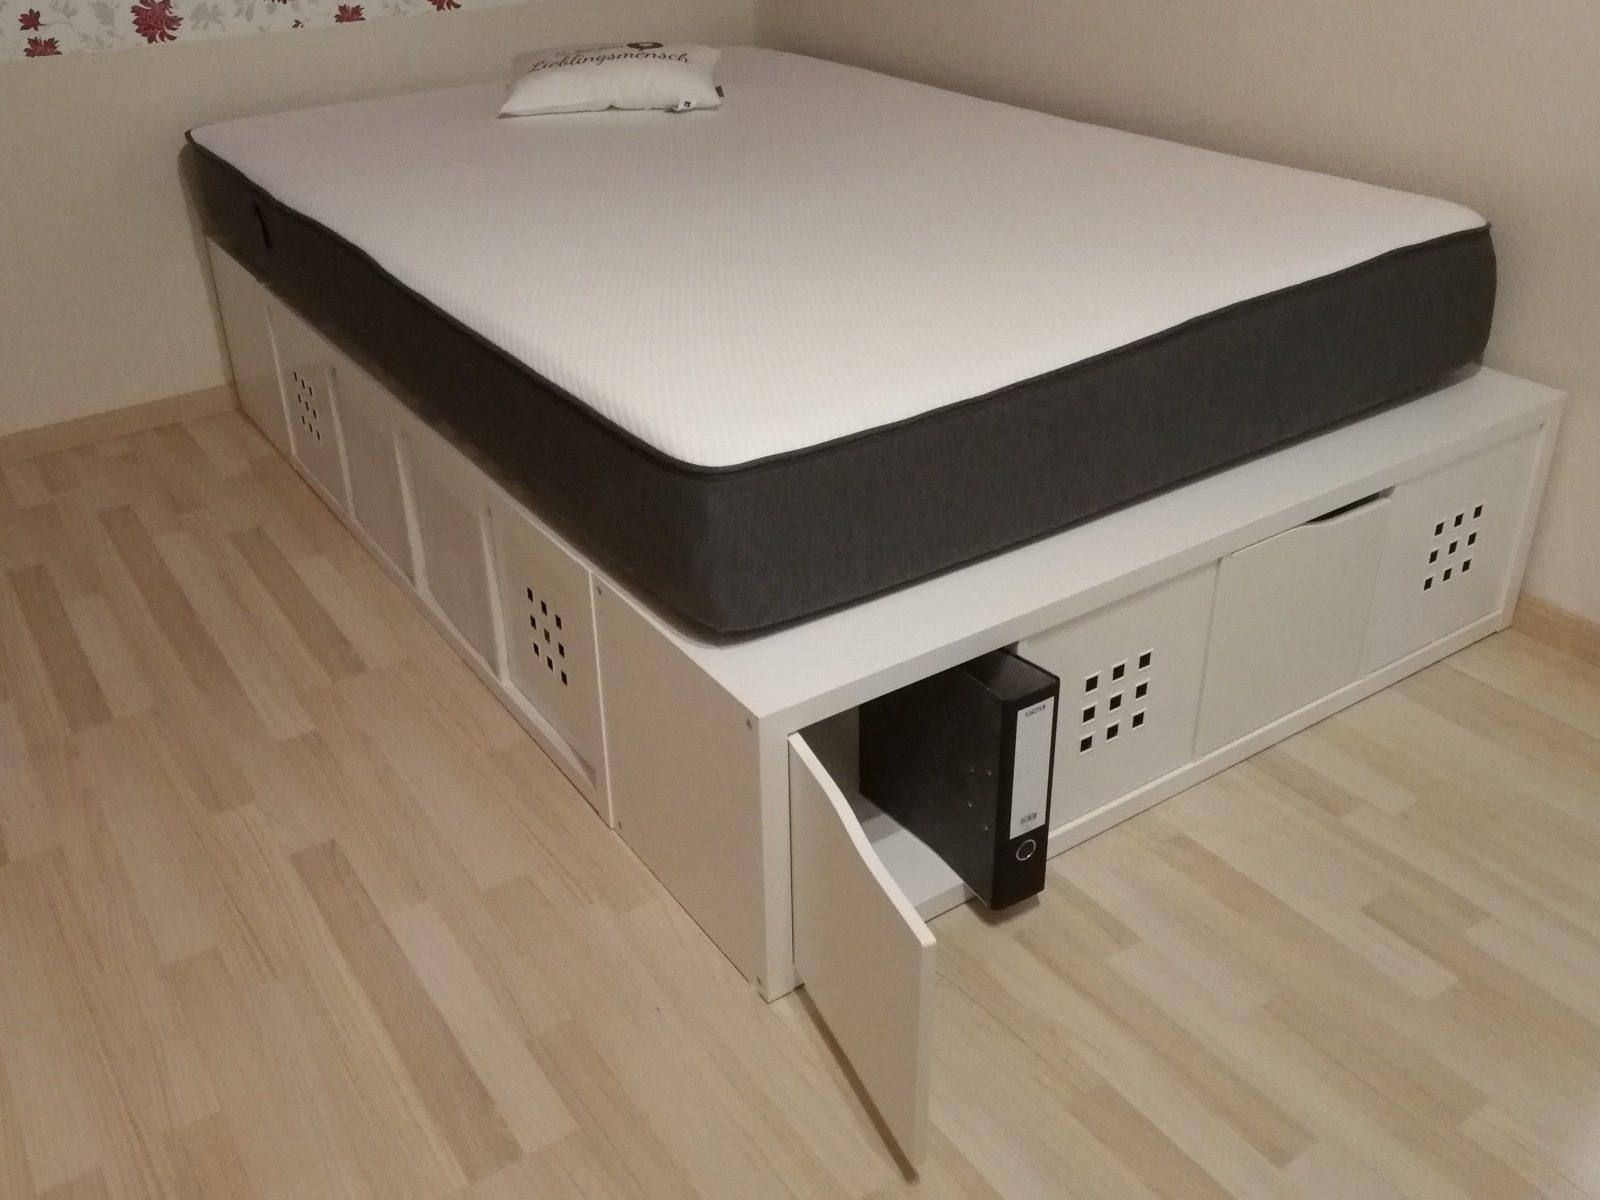 Bett Selber Bauen Mit Ikea Kallax Regalen Ich Habe Eine Anleitung von Bett Aus Ikea Regal Bauen Bild